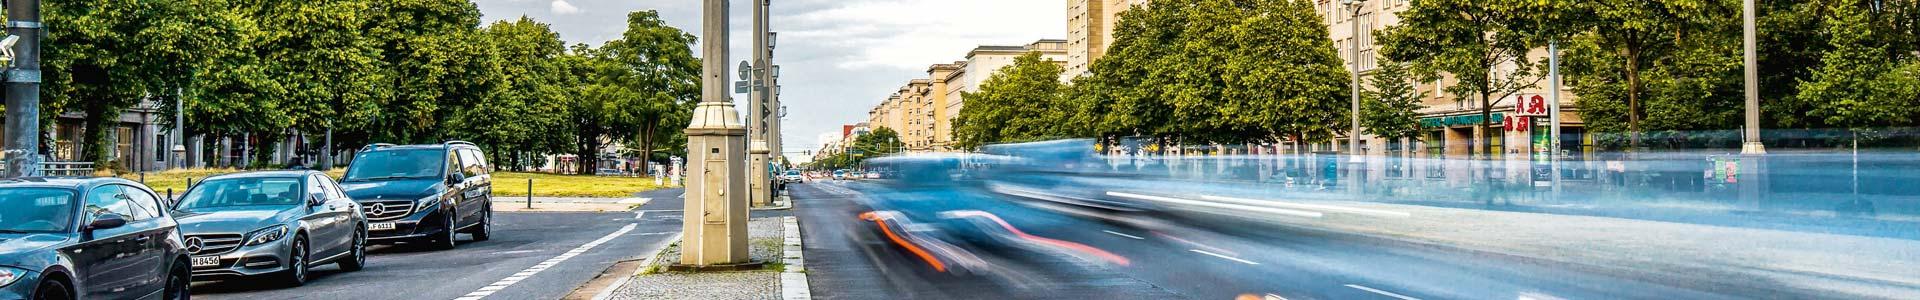 Automobil ADAC Spaßbuch Erlebnistouren Zugabeartikel Kundengewinnung